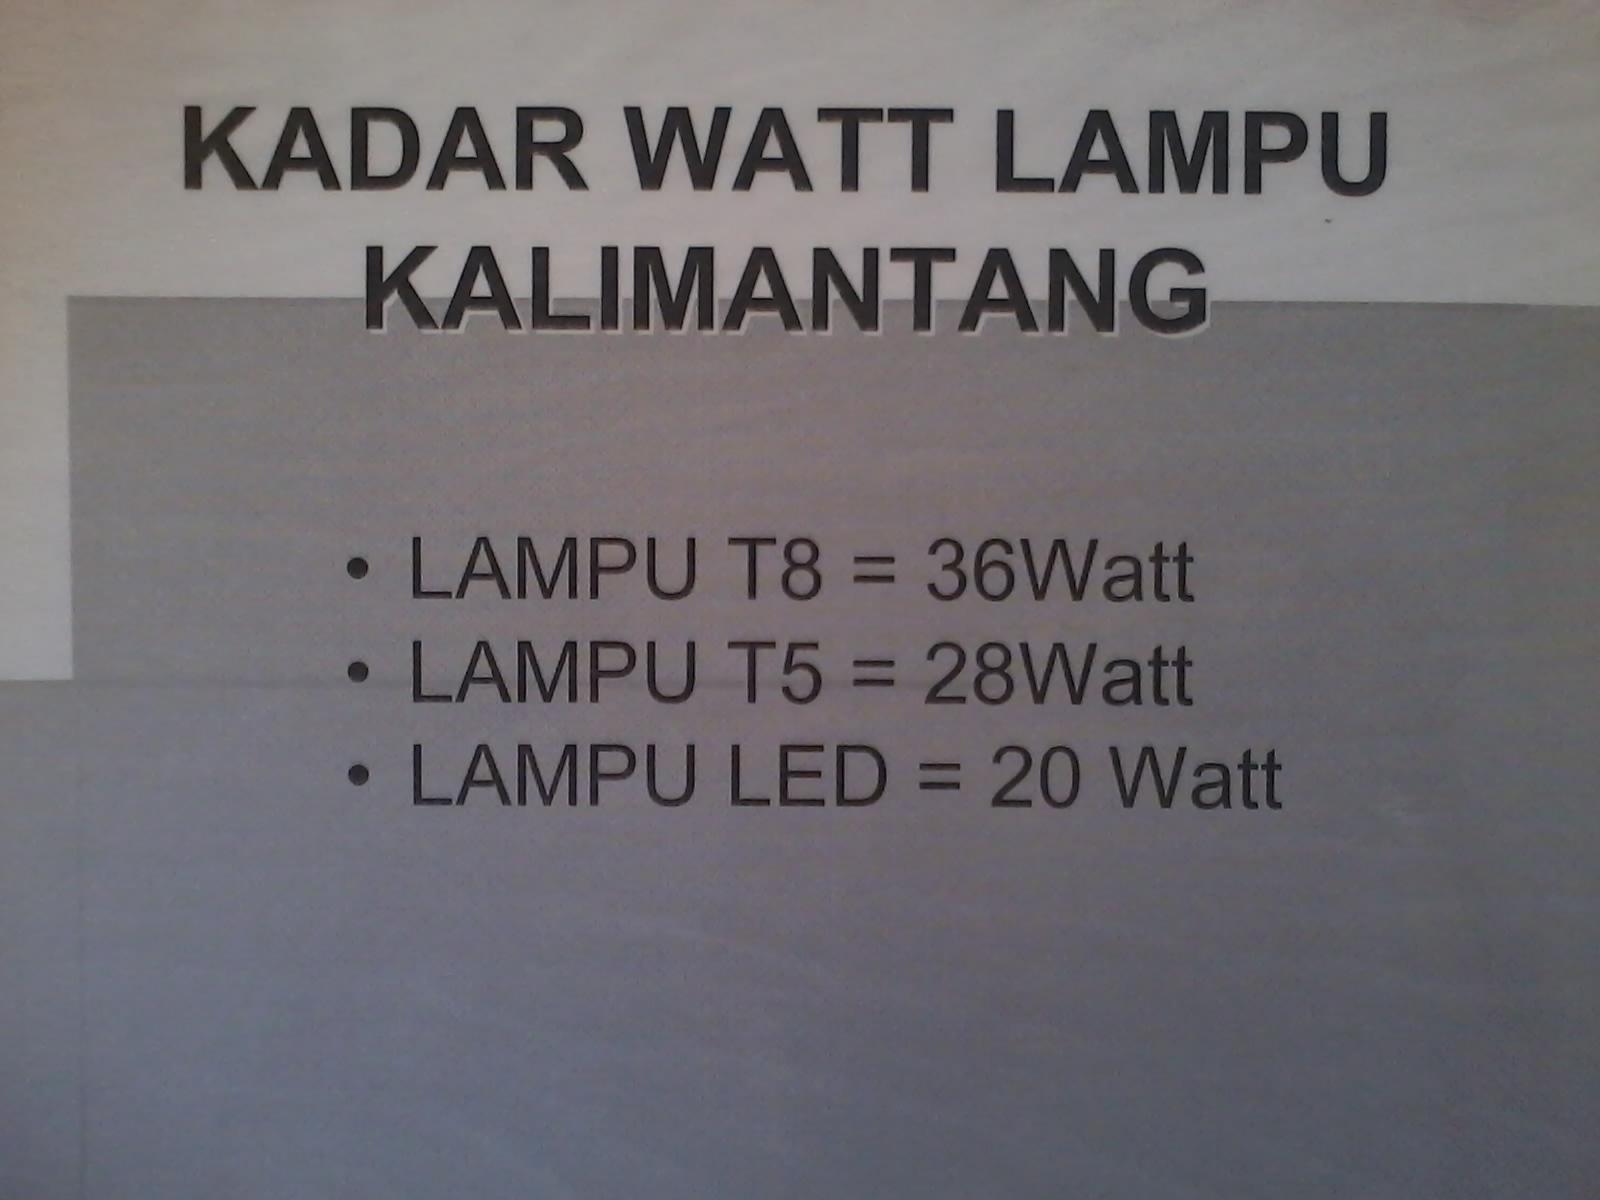 Elektrik duniaku inovasi lampu kalimantang led inovasi lampu kalimantang led ccuart Gallery